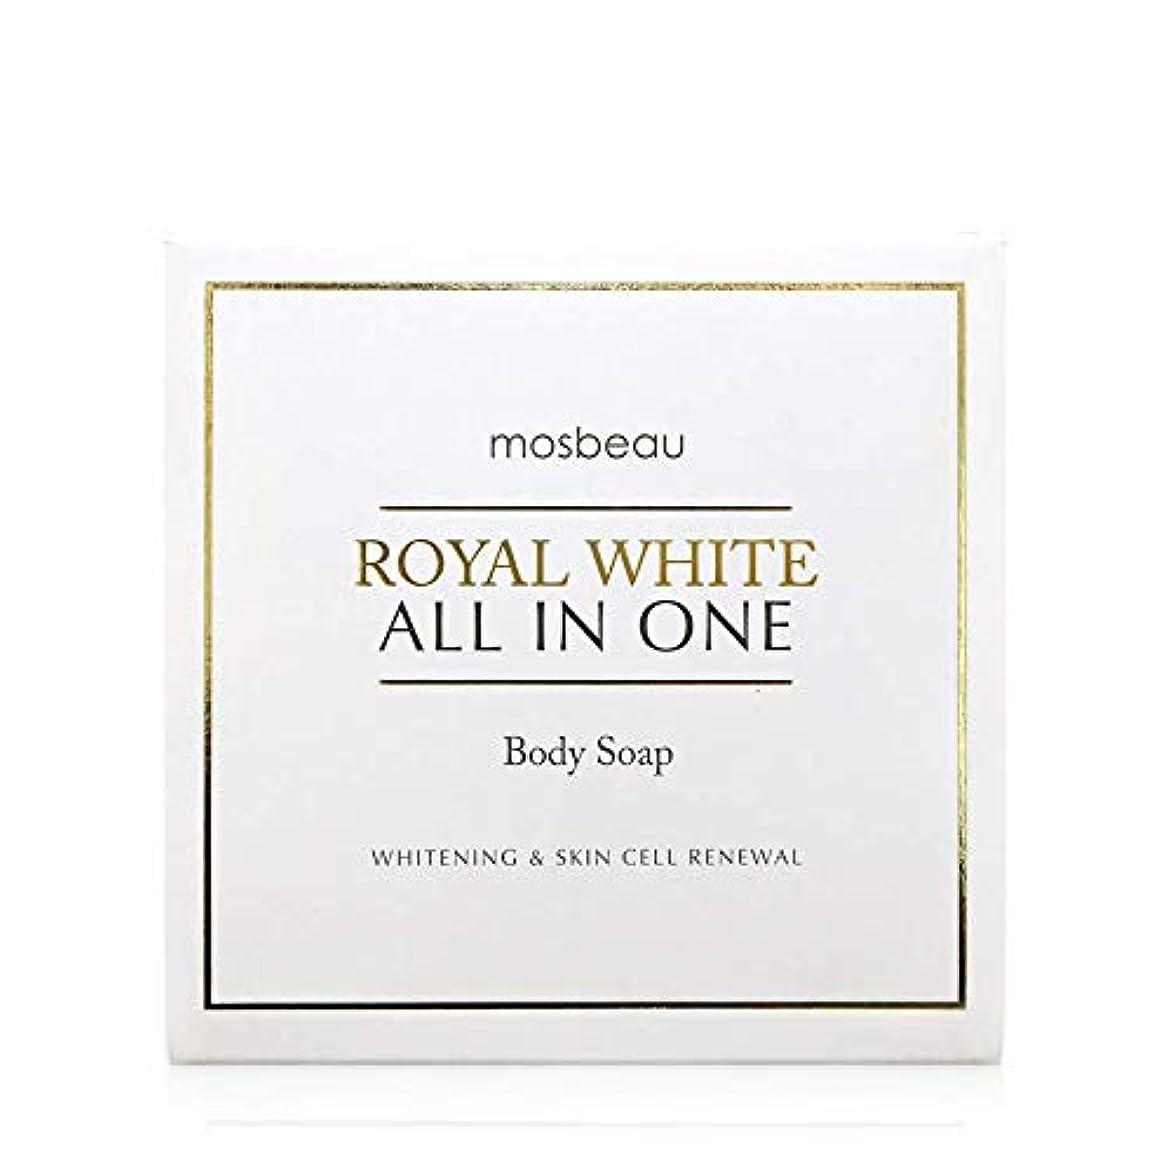 精巧な写真を撮るシェルmosbeau ROYAL WHITE ALL-IN-ONE BODY SOAP 100g ロィヤルホワイトオールインワンボディーソープ